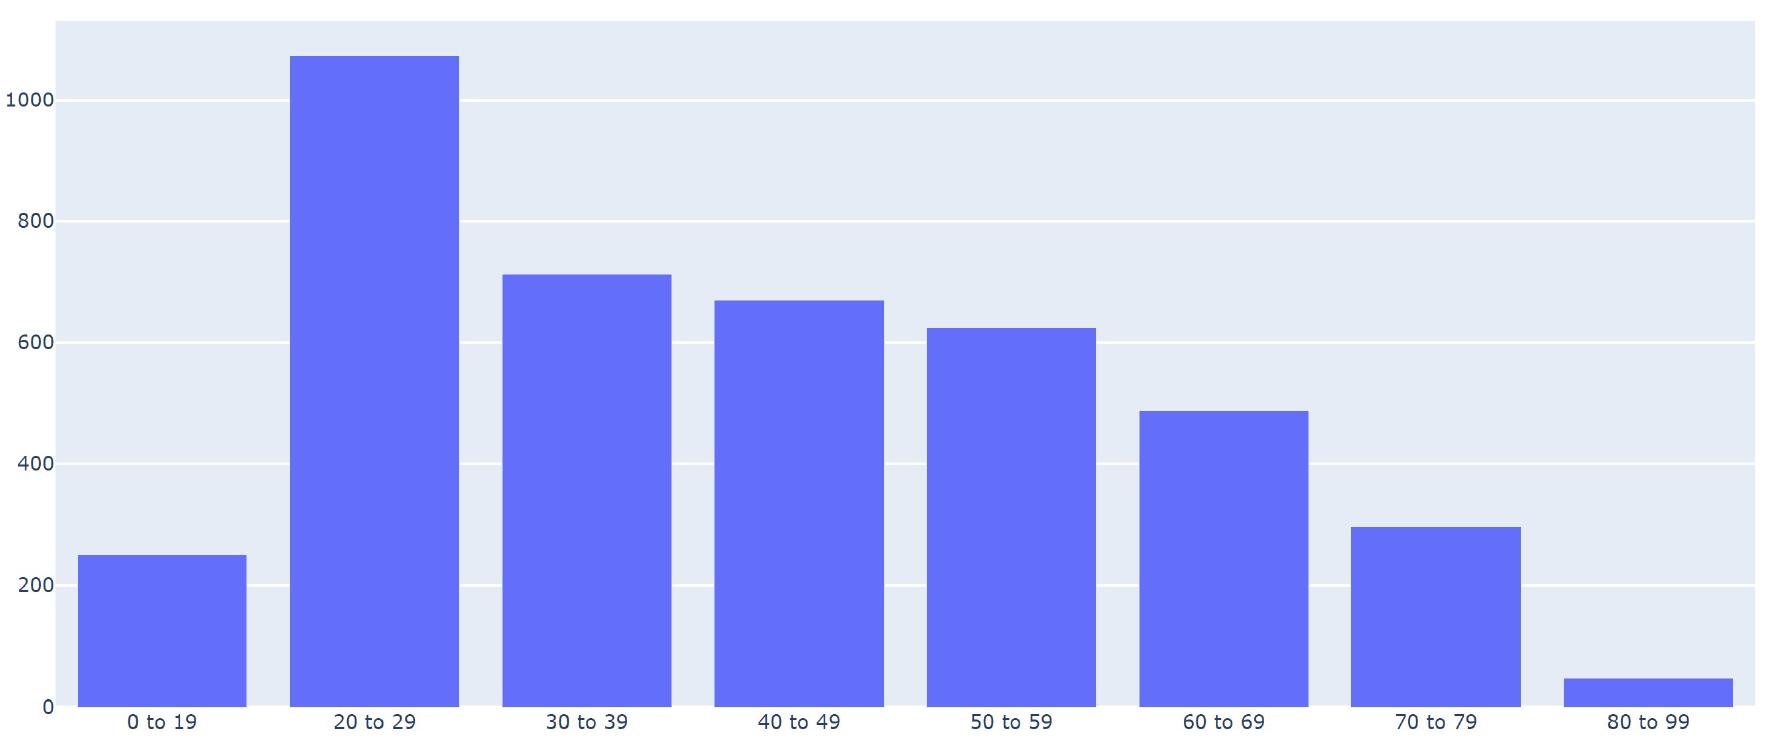 コロナ禍の追加的自殺者数